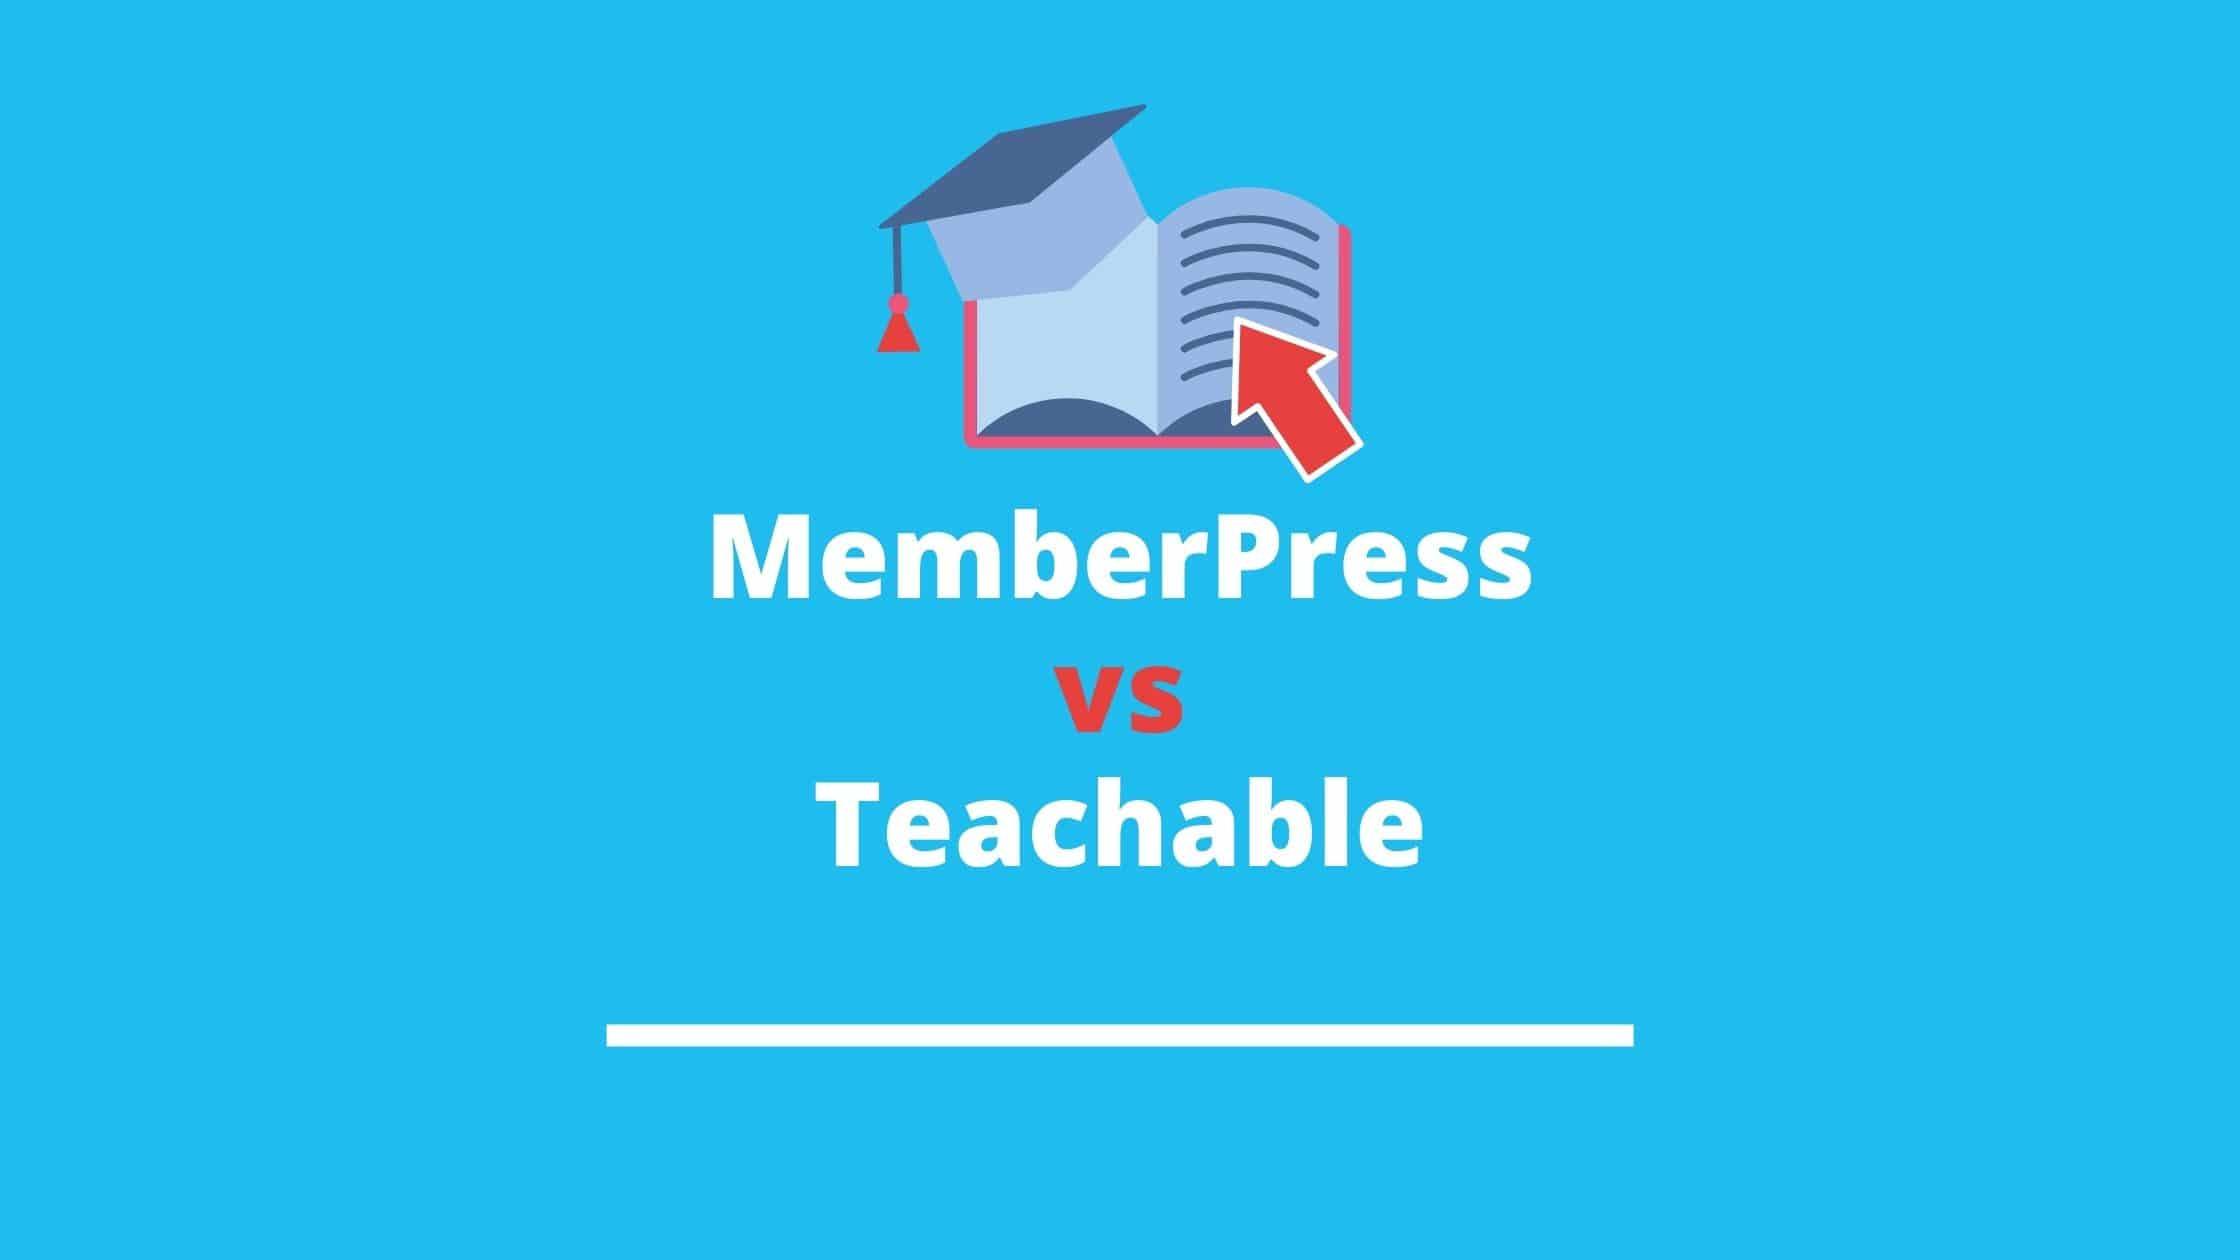 An honest comparison for the best LMS, MemberPress vs Teachable.